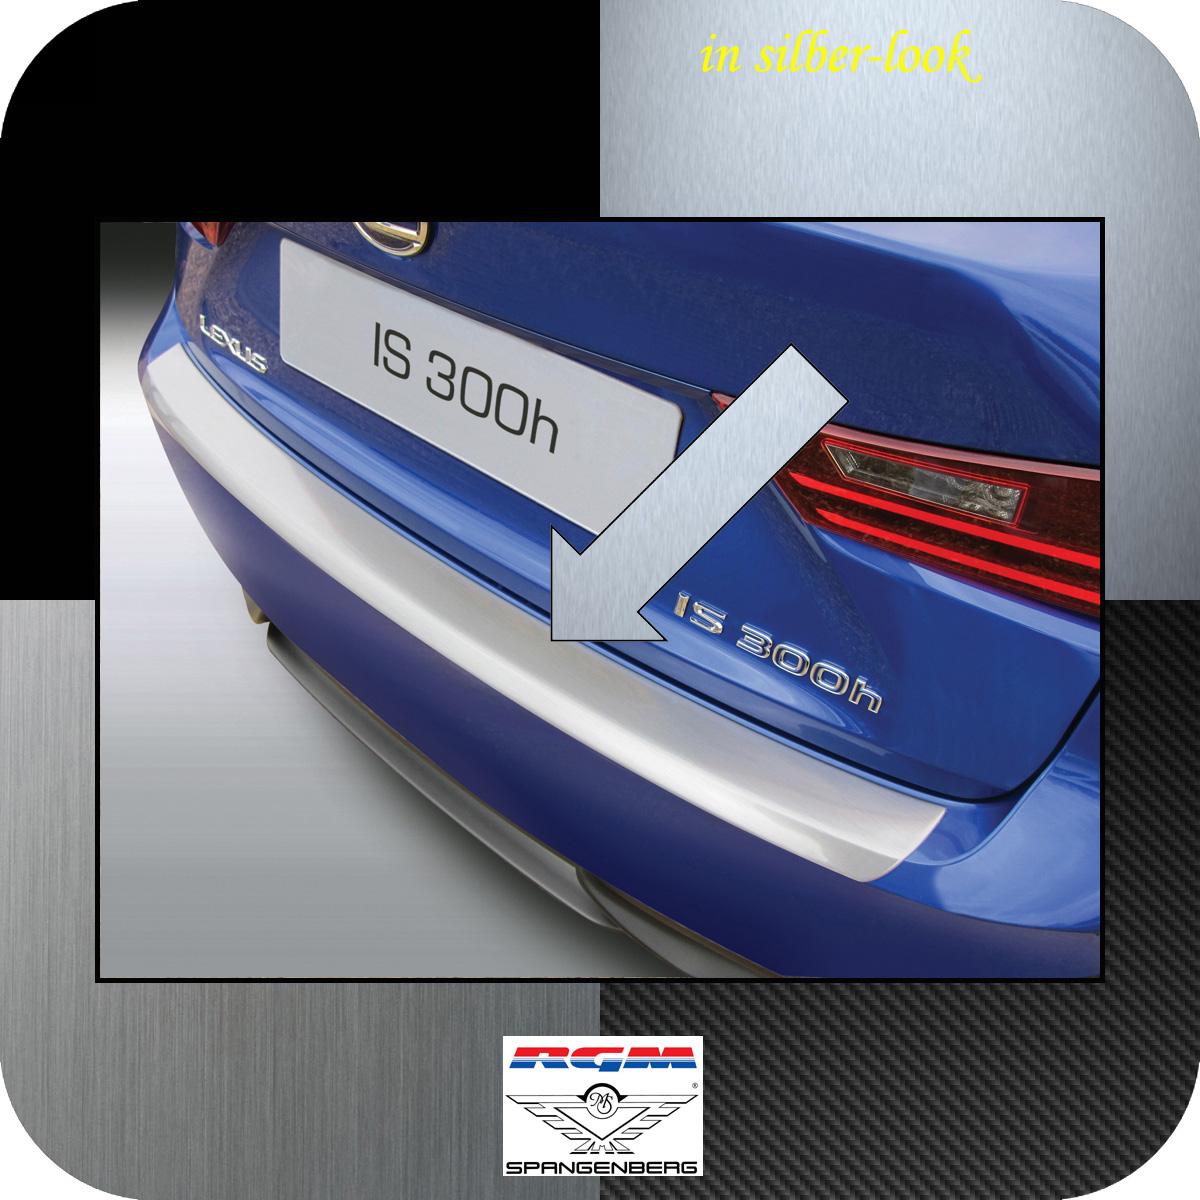 Ladekantenschutz Silber-Look Lexus IS III Limousine Baujahre 2013-2016 3506729